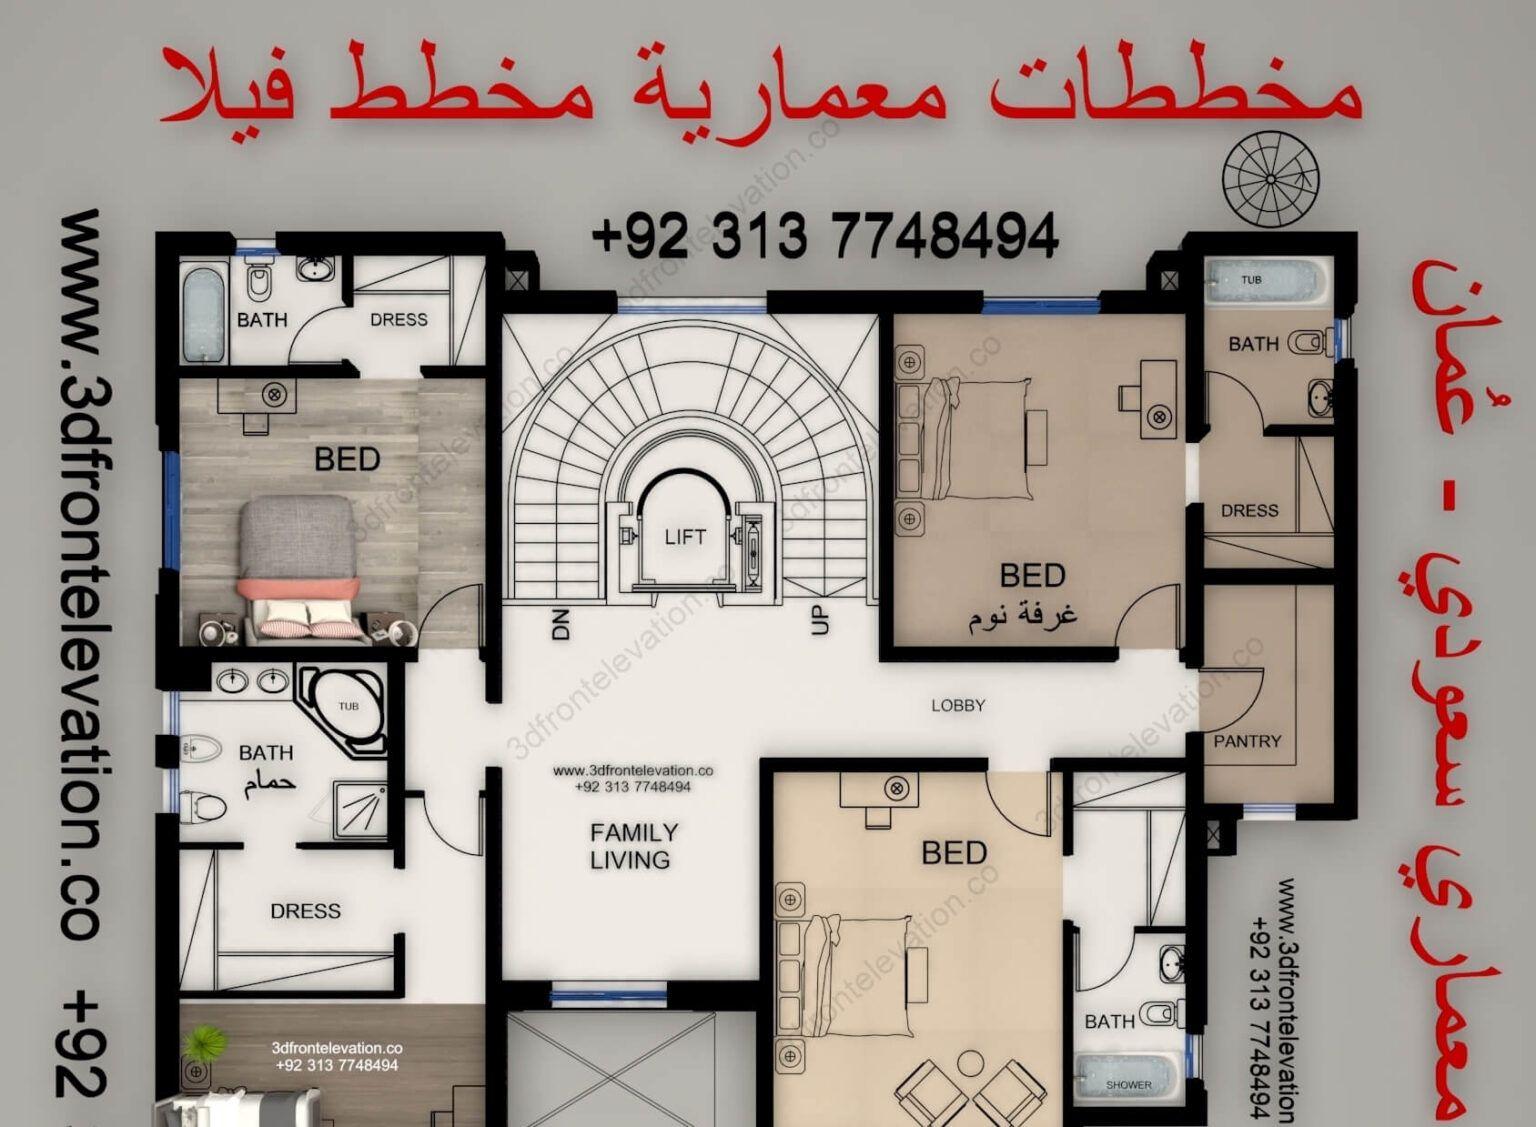 تصميم فيلا مع شقق خلفيه الرجاء ابداء ارائكم واقتراحاتكم Square House Plans House Layout Plans Model House Plan